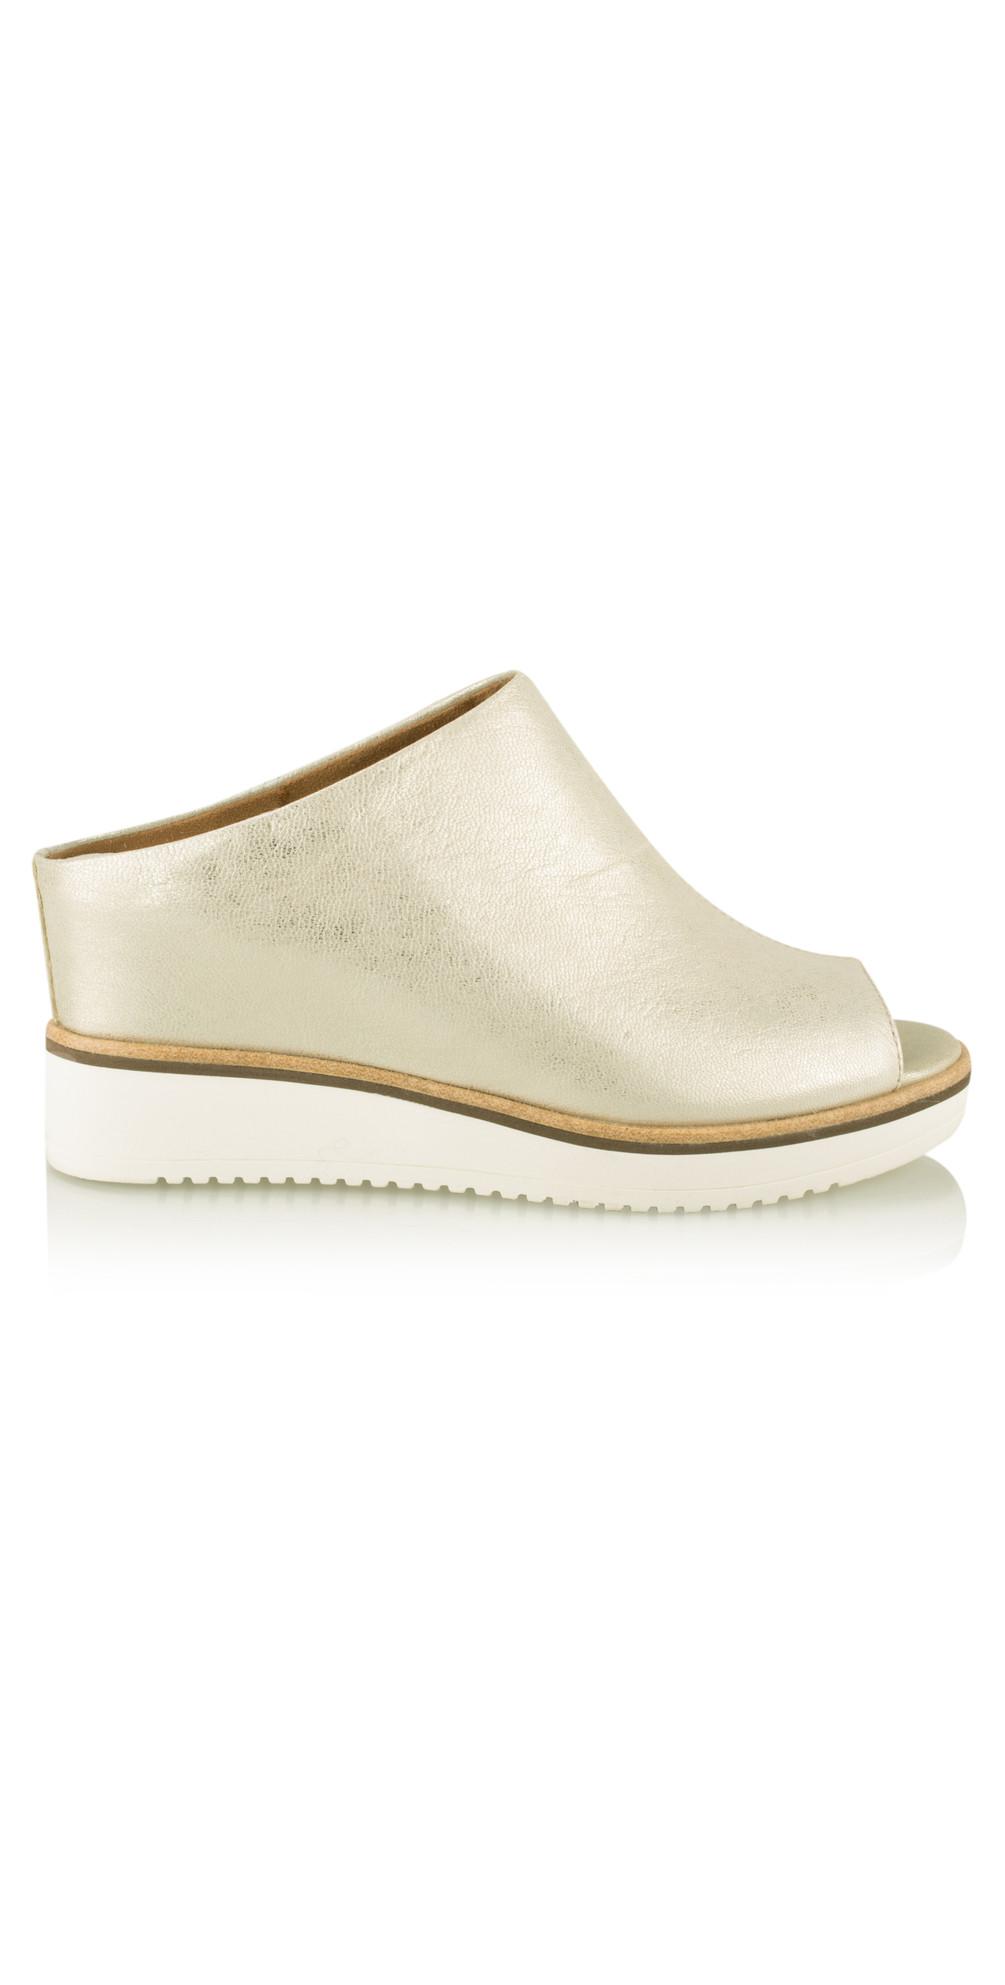 tamaris leather mule sandal in gold. Black Bedroom Furniture Sets. Home Design Ideas